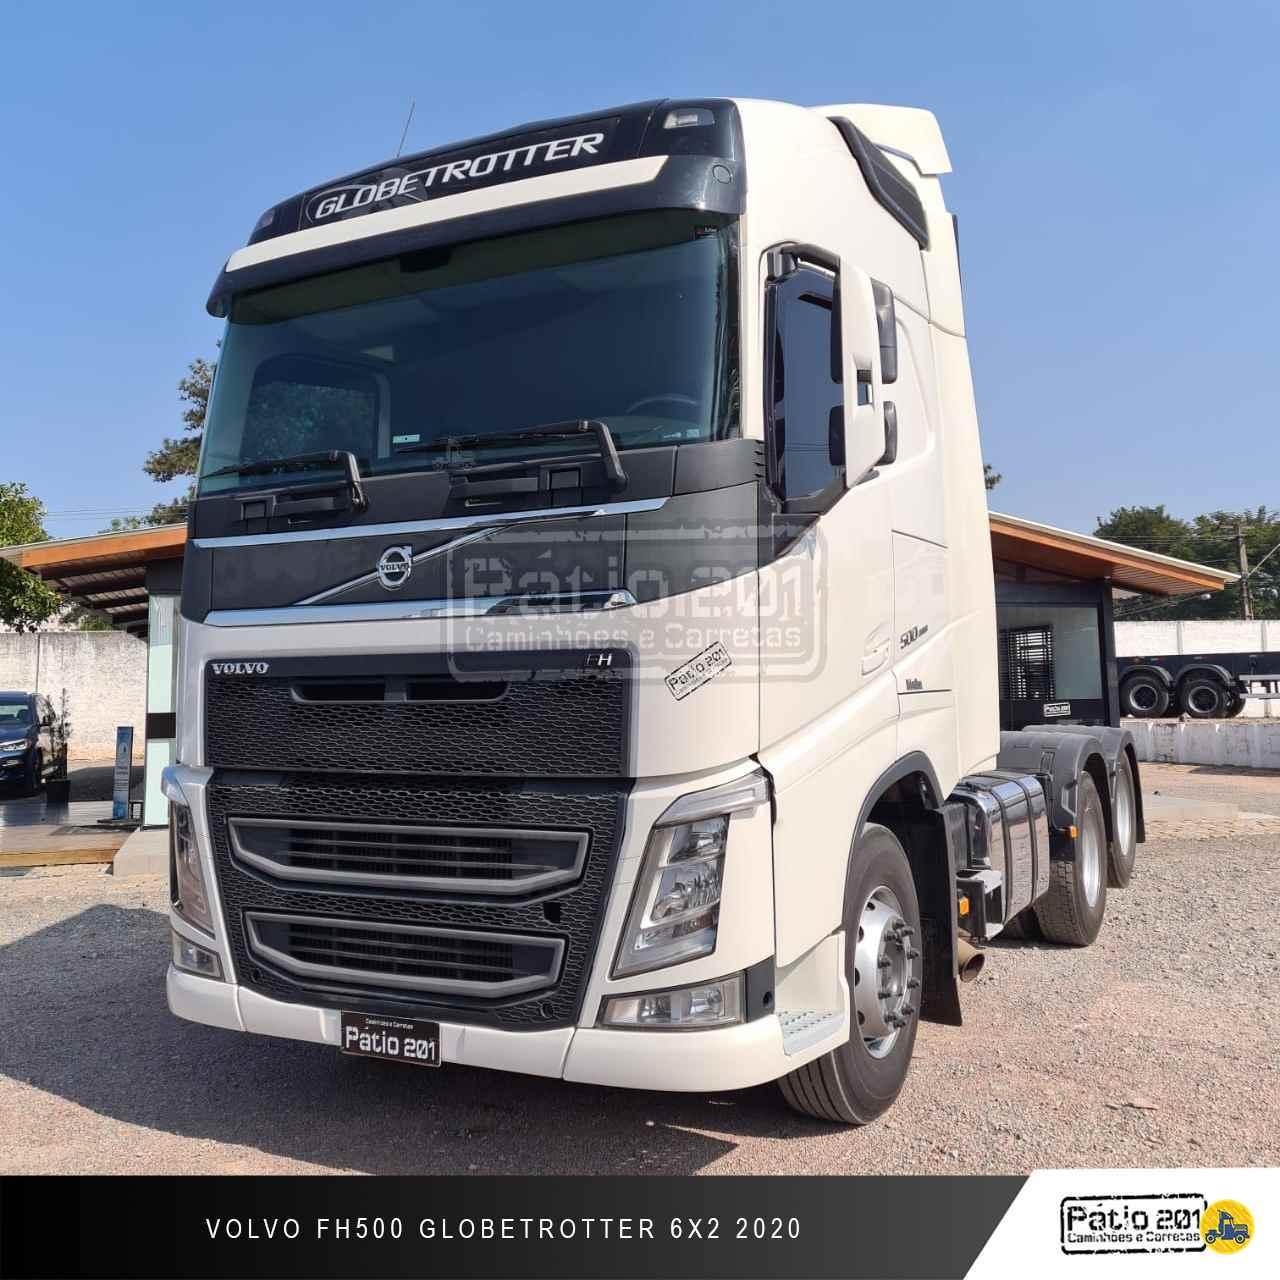 CAMINHAO VOLVO VOLVO FH 500 Cavalo Mecânico Truck 6x2 Pátio 201 Caminhões e Carretas CURITIBA PARANÁ PR